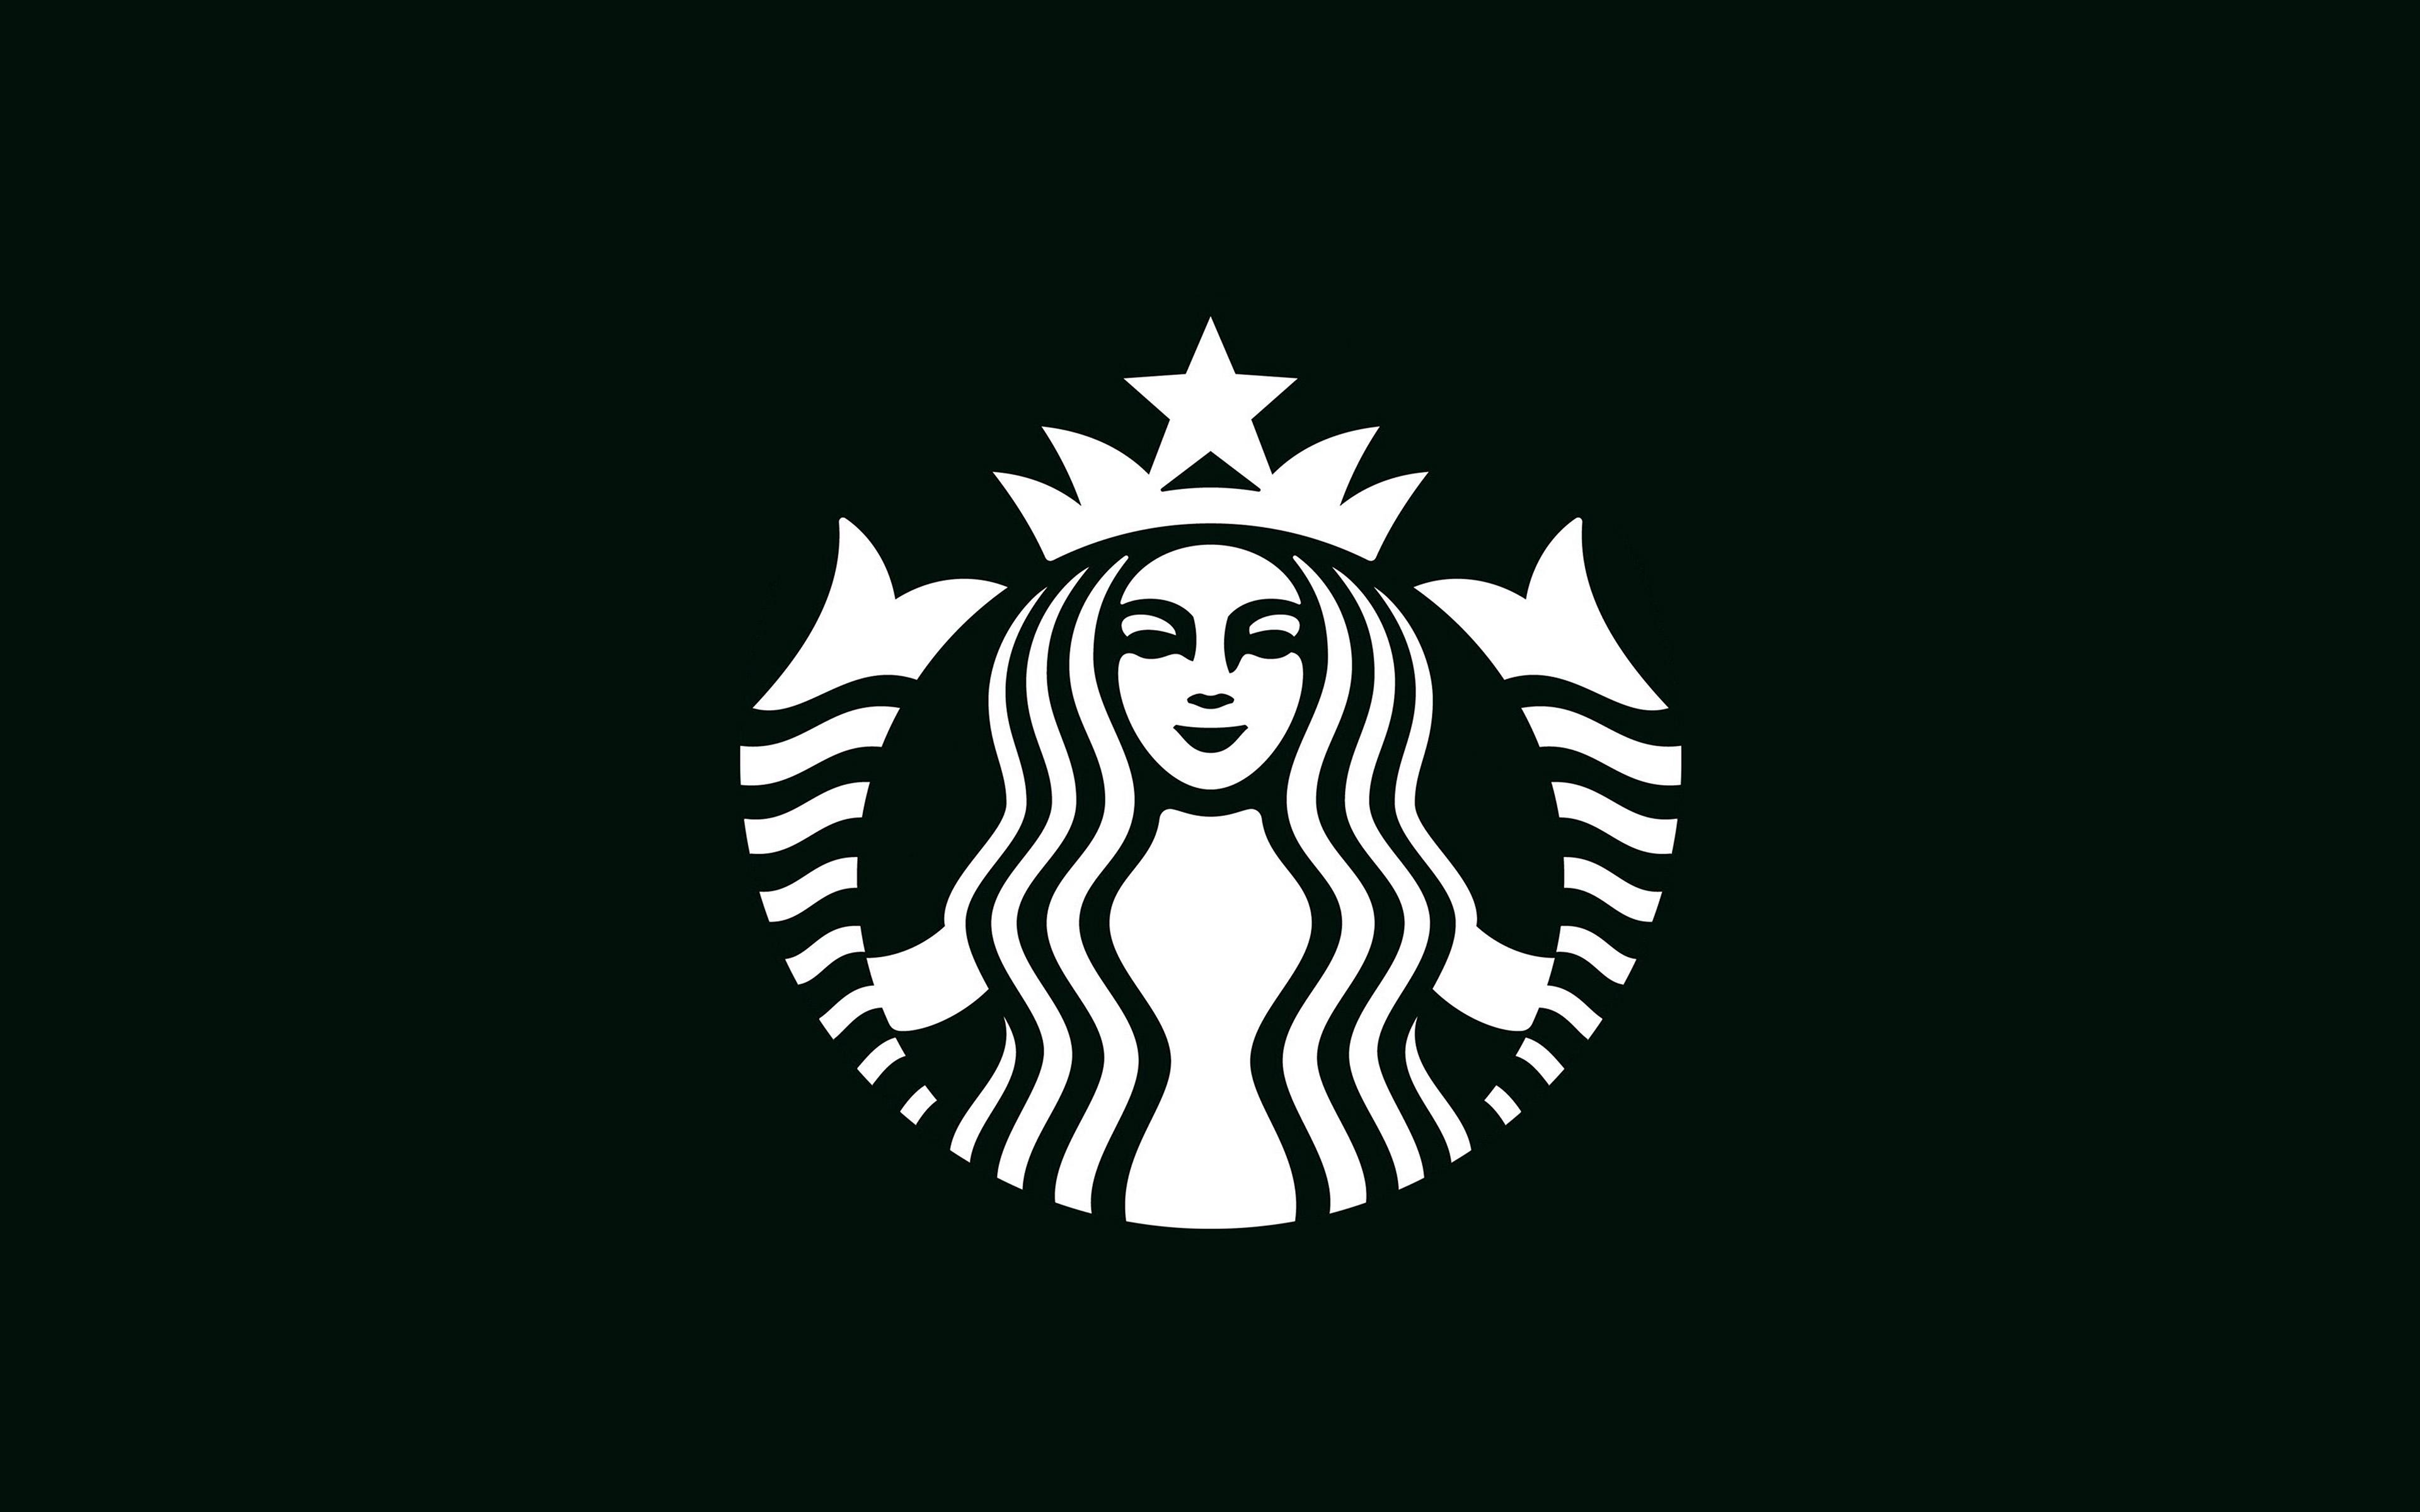 Ax30 Starbucks Logo Dark Bw Illustration Art Wallpaper